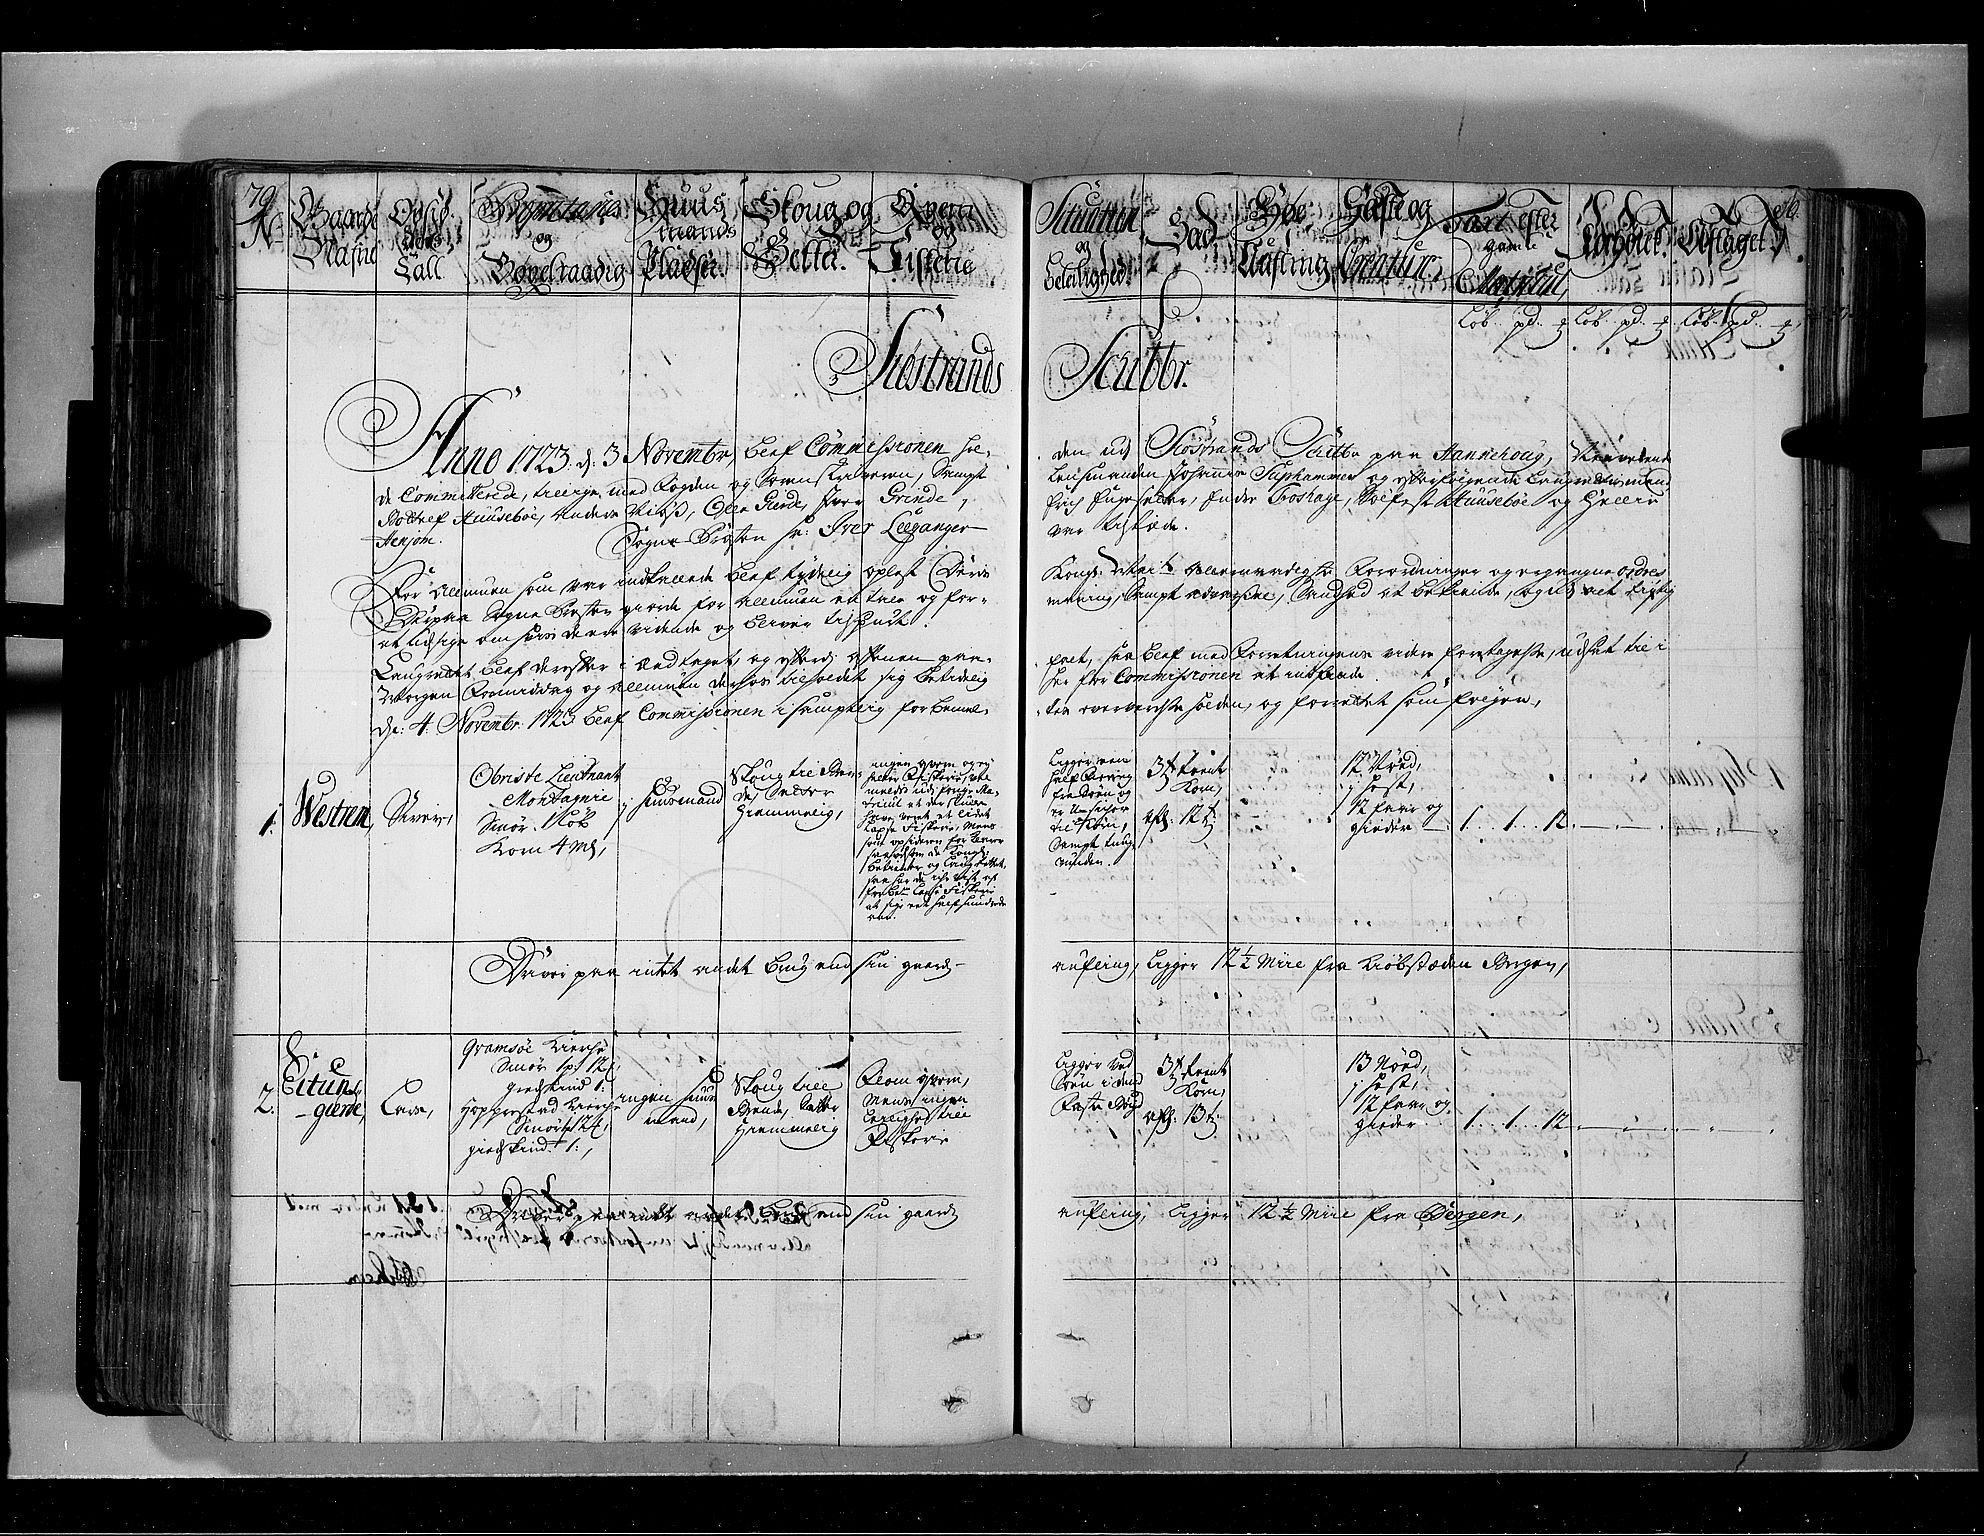 RA, Rentekammeret inntil 1814, Realistisk ordnet avdeling, N/Nb/Nbf/L0143: Ytre og Indre Sogn eksaminasjonsprotokoll, 1723, s. 79-80